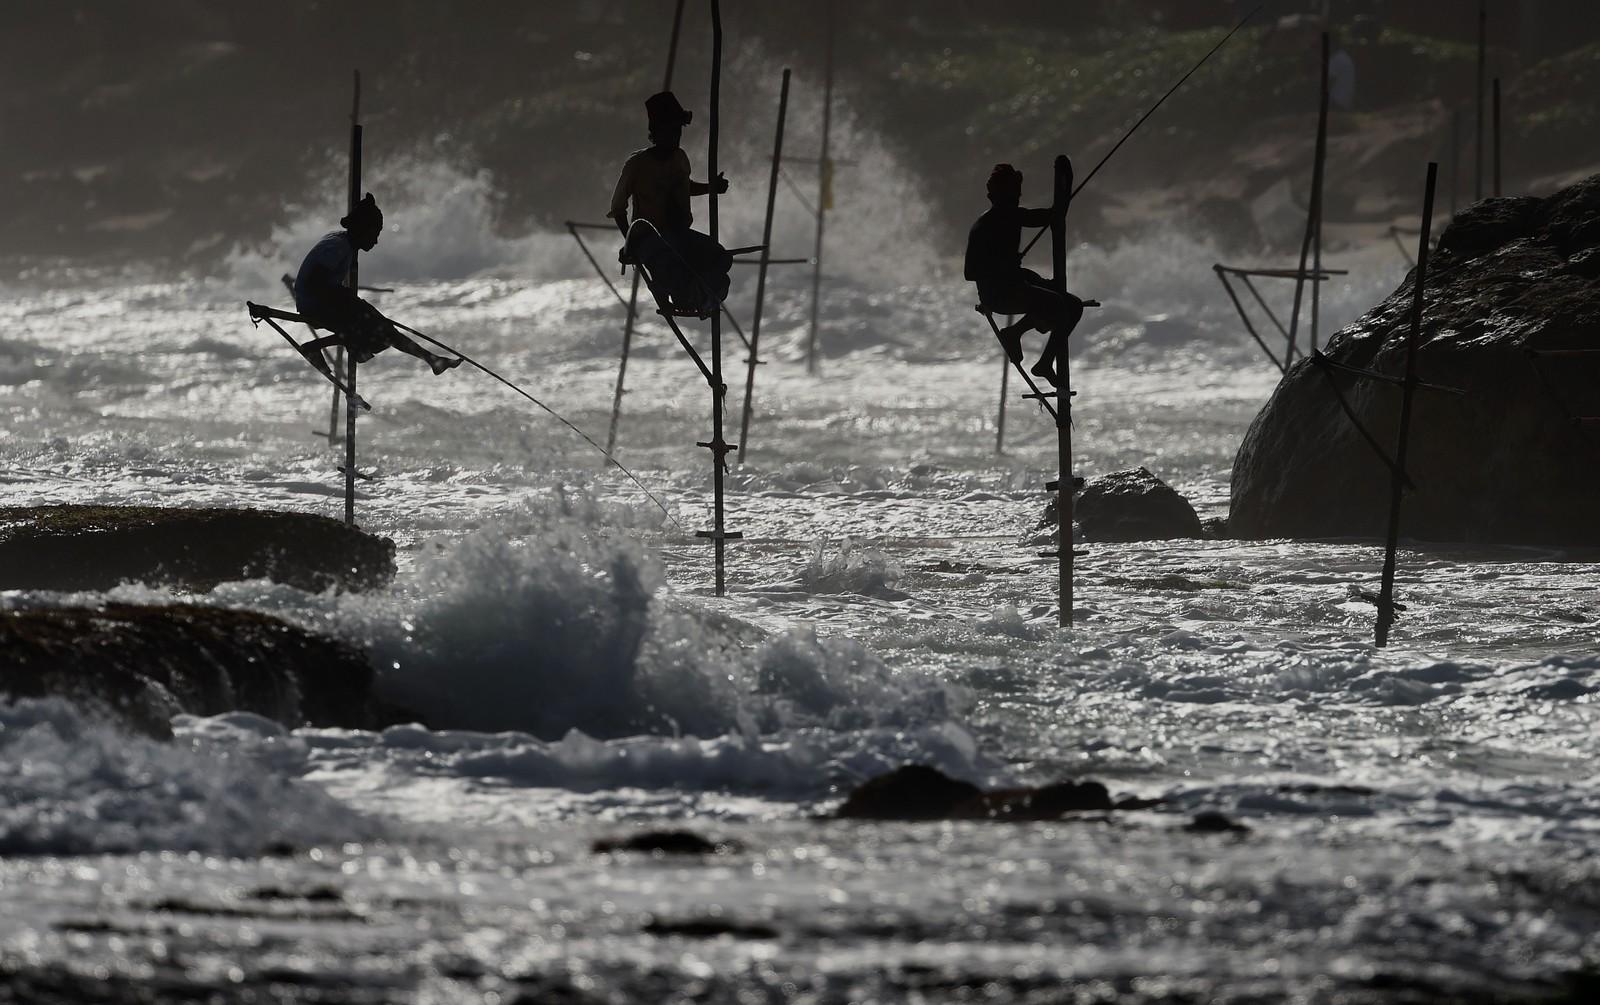 De jobber på påler, de srilankiske fiskerne. Det sies at tradisjonen starta etter andre verdenskrig, da det var lite mat og mange som kjempa om fiskeplassene på land. Nå tjener de også penger på å la turister prøve seg.